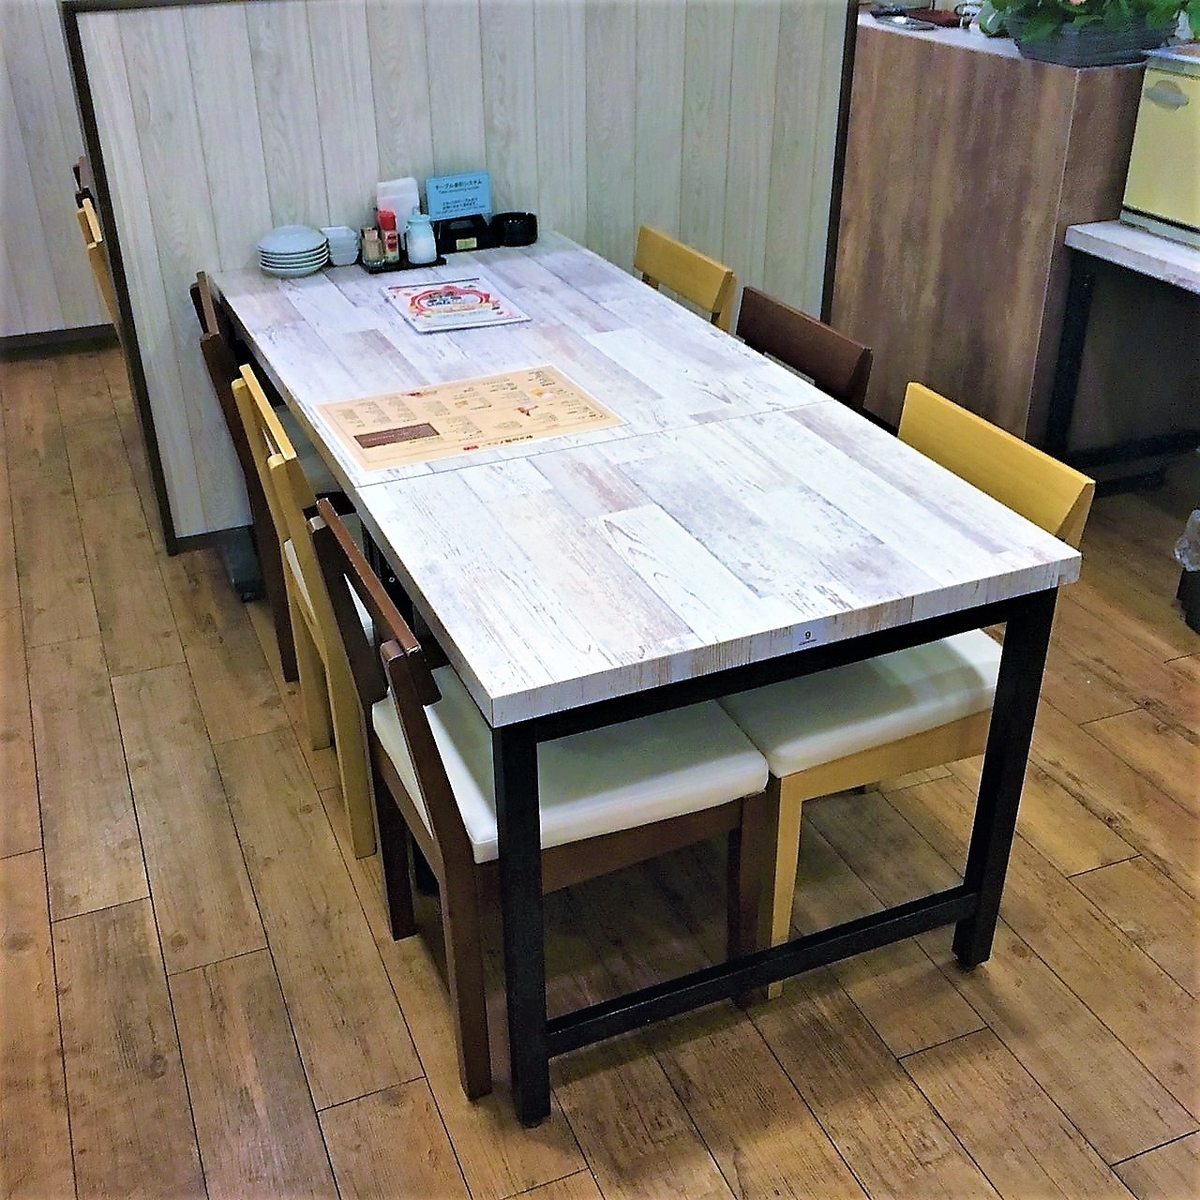 6名様までのテーブル席です。つなげると最大18名様まで可能です。